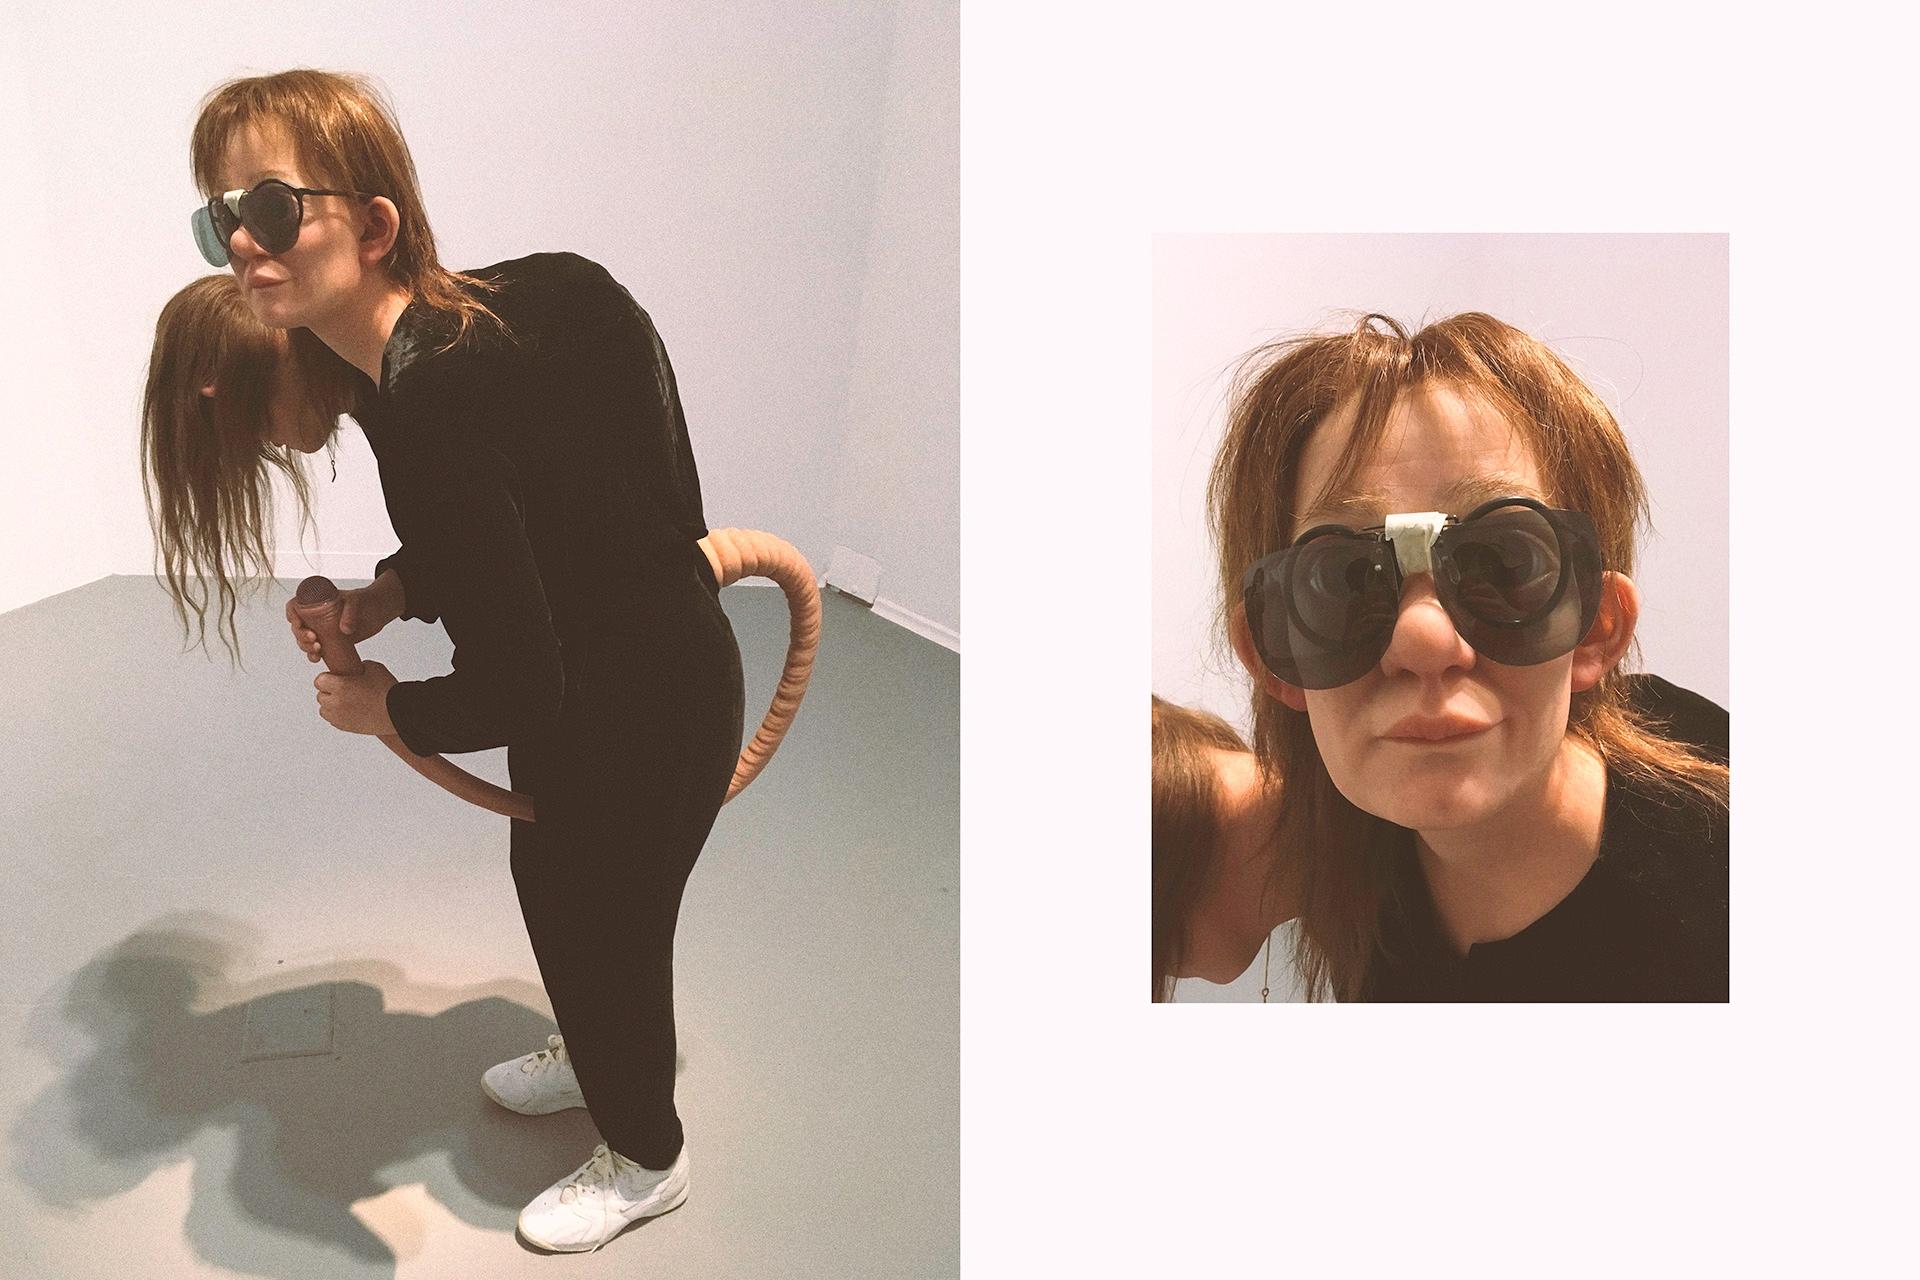 Obraz przedstawia dwa zdjęcia baśniowej postaci z dwiema głowami. Jedno zdjęcie przedstawia zbliżenie na twarz postaci w okularach.